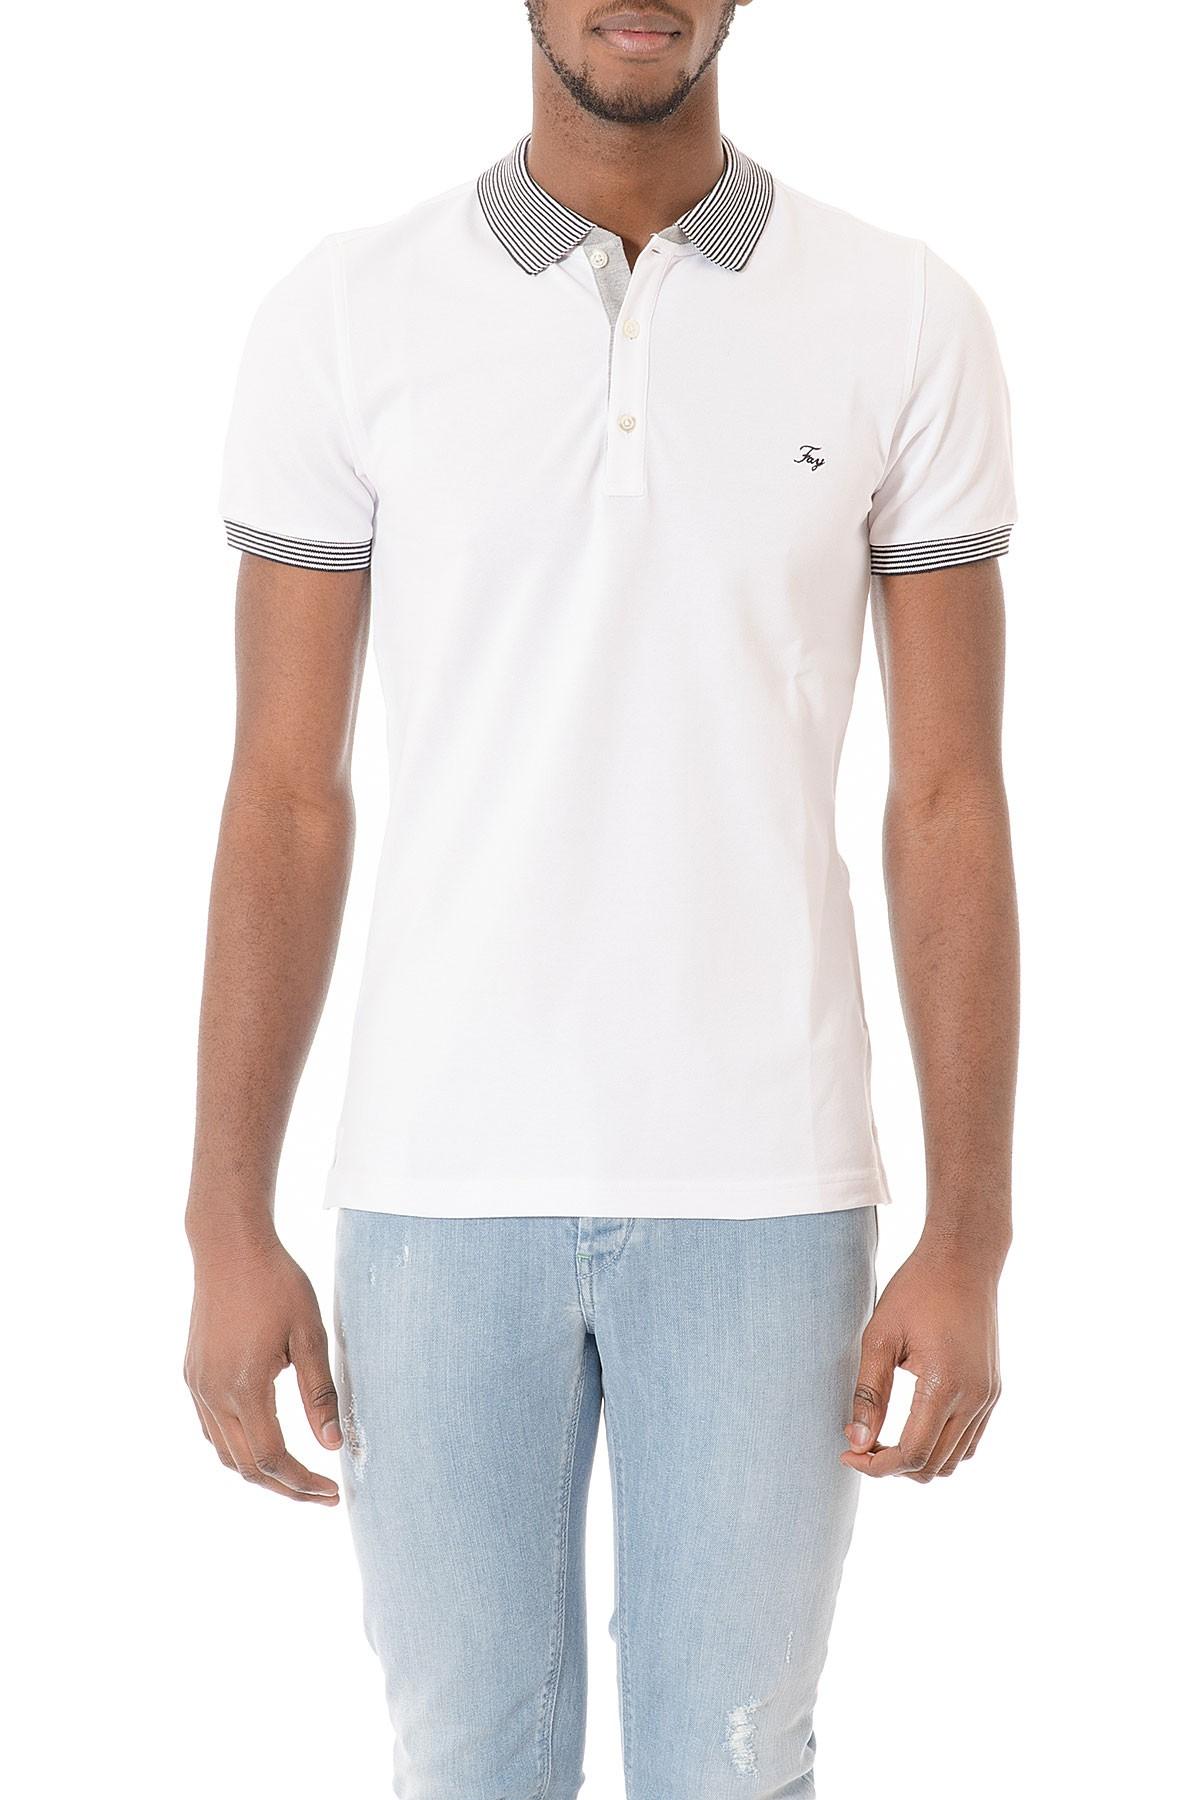 super popular 462a0 b3c30 Polo bianca in cotone maniche corte P/E per uomo FAY